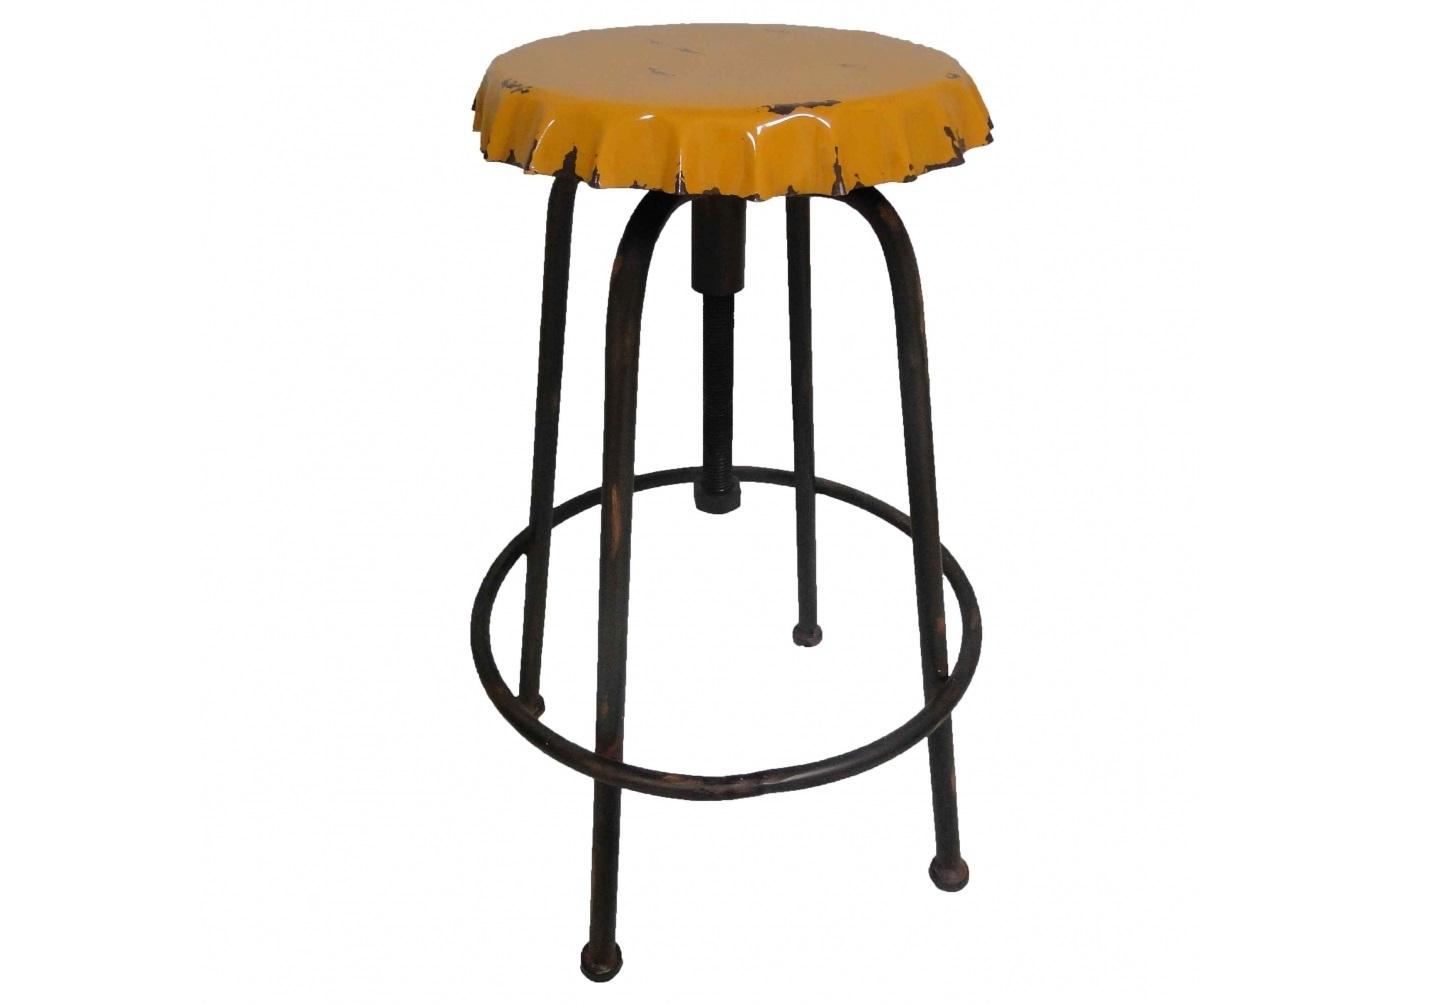 Табурет CapsuleТабуреты<br>Табурет &amp;quot;Deck&amp;quot; это по-настоящему стильное и оригинальное решение для вашего интерьера. Трапециевидное положение ножек в сочетании с круглой подставкой для ног обеспечивает устойчивость стула. Этот табурет станет  изюминкой любого помещения.<br>Каркас табурета желтого цвета, сиденье желтого цвета.&amp;amp;nbsp;<br><br>Material: Железо<br>Height см: 63<br>Diameter см: 41